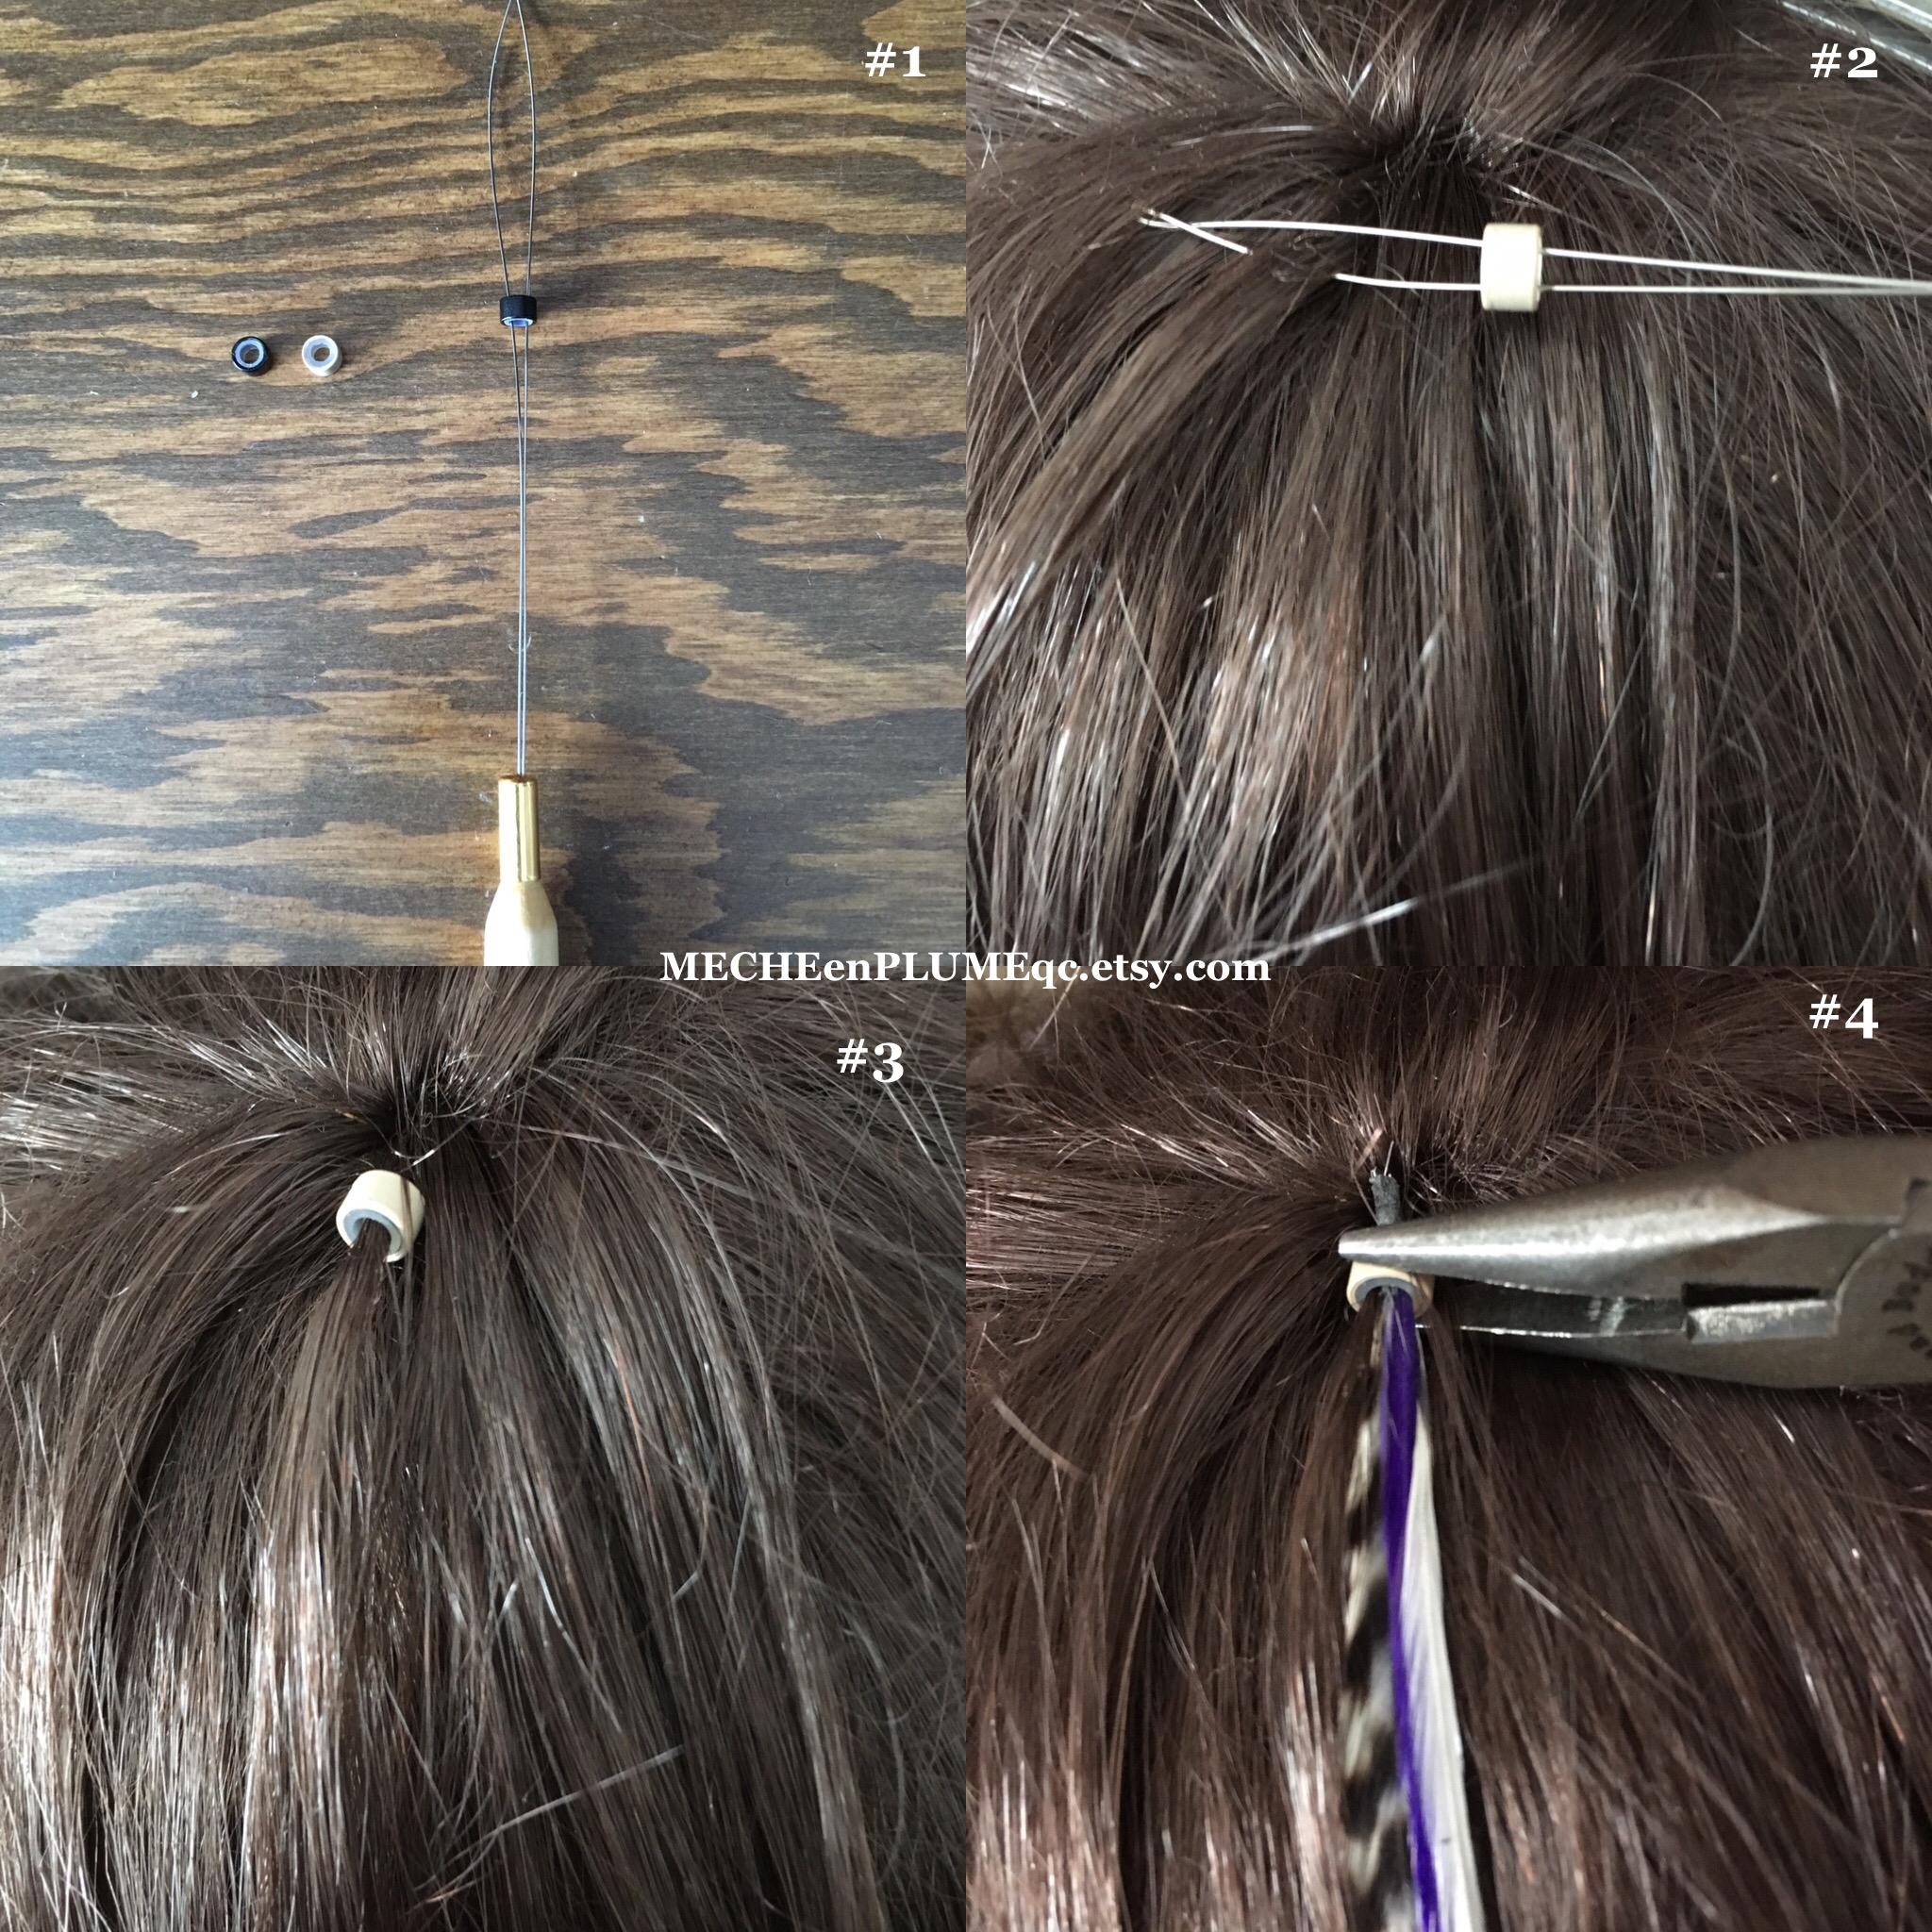 plumes naturelles m che en plume fait main qu bec patplume m che en plume bijoux plum s. Black Bedroom Furniture Sets. Home Design Ideas